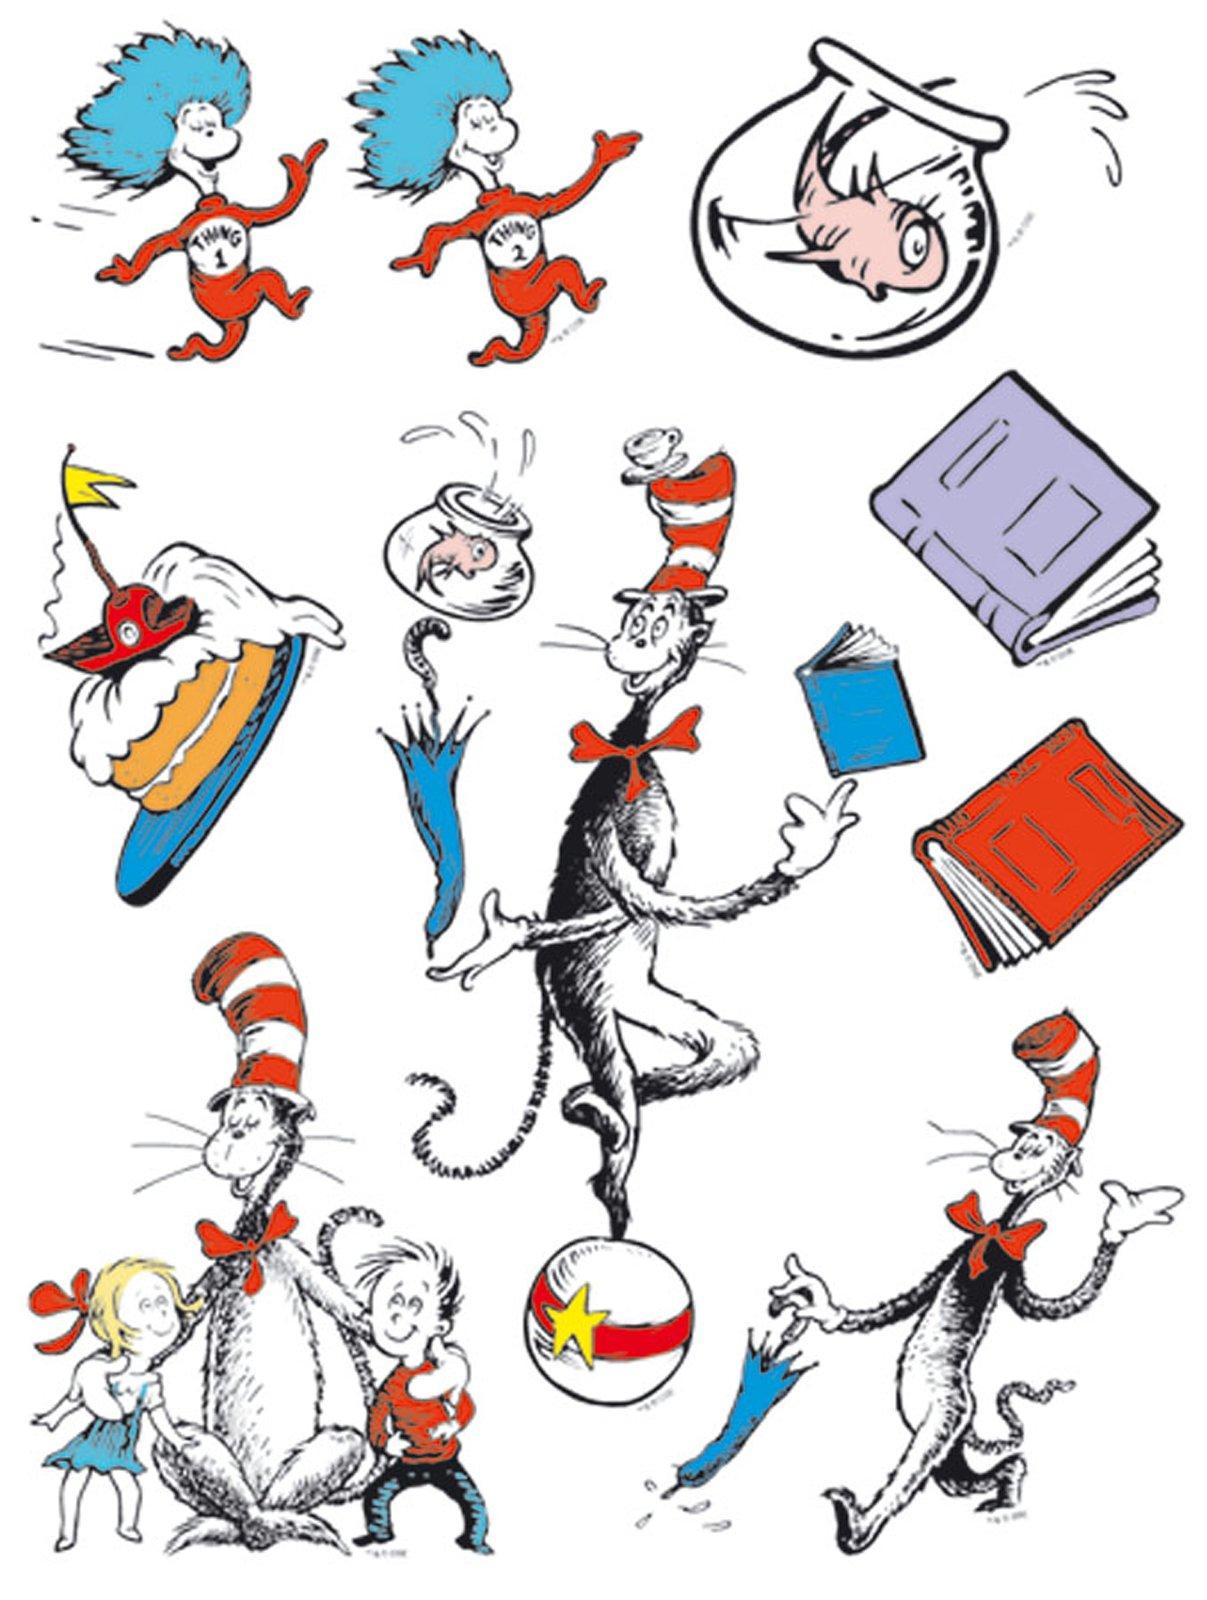 Dr Seuss Hat Image